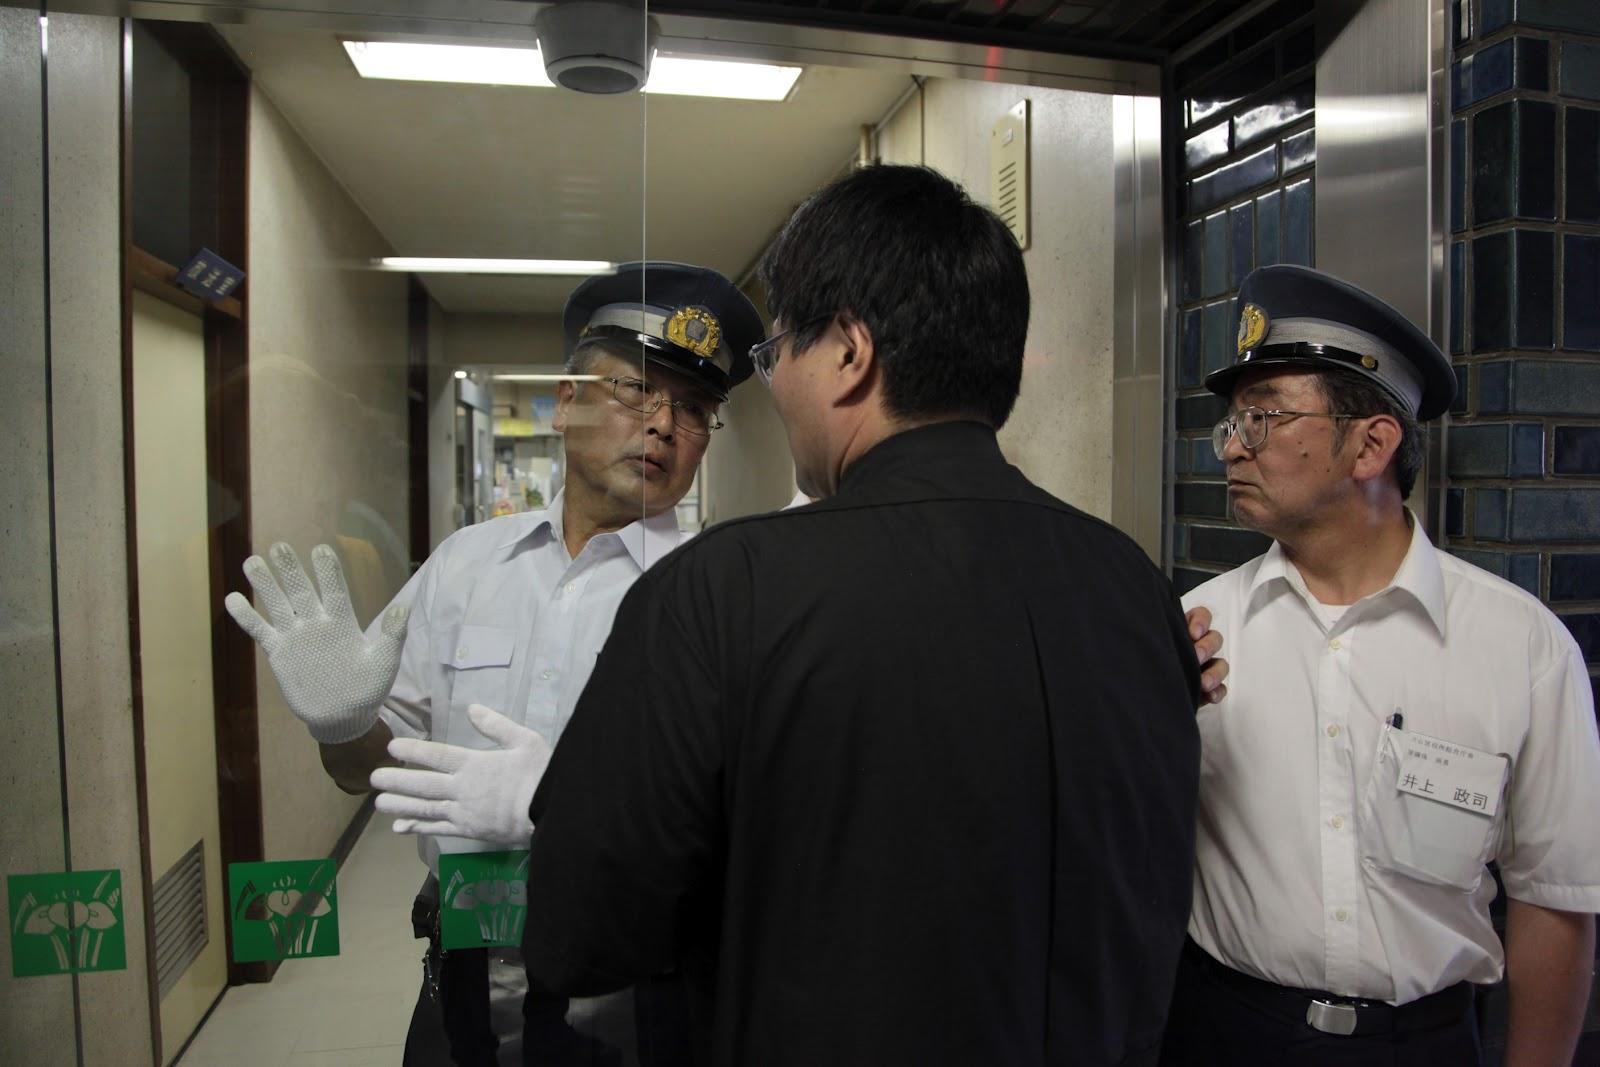 公衆便所樹里 611渋谷同時3箇所野宿者排除反対ブログ: 7月24日(火)渋谷区もうしいれ!報告